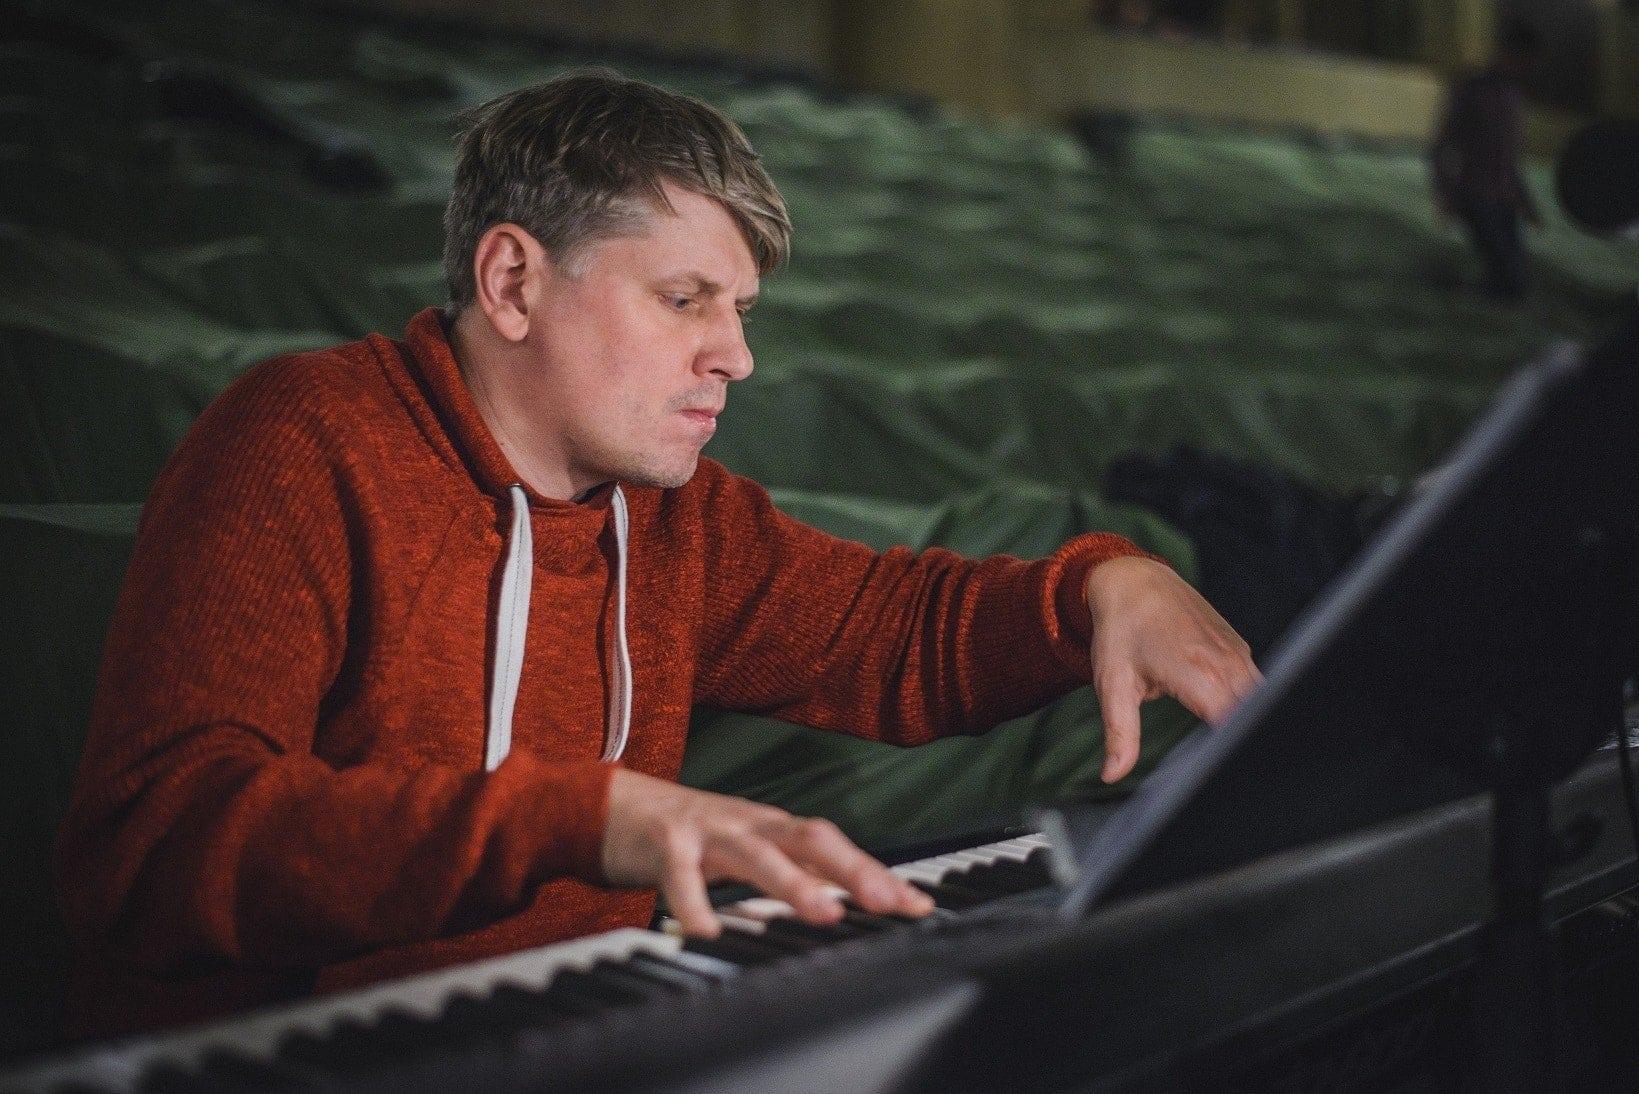 Сергей Невский. Фото - Анна Гилева